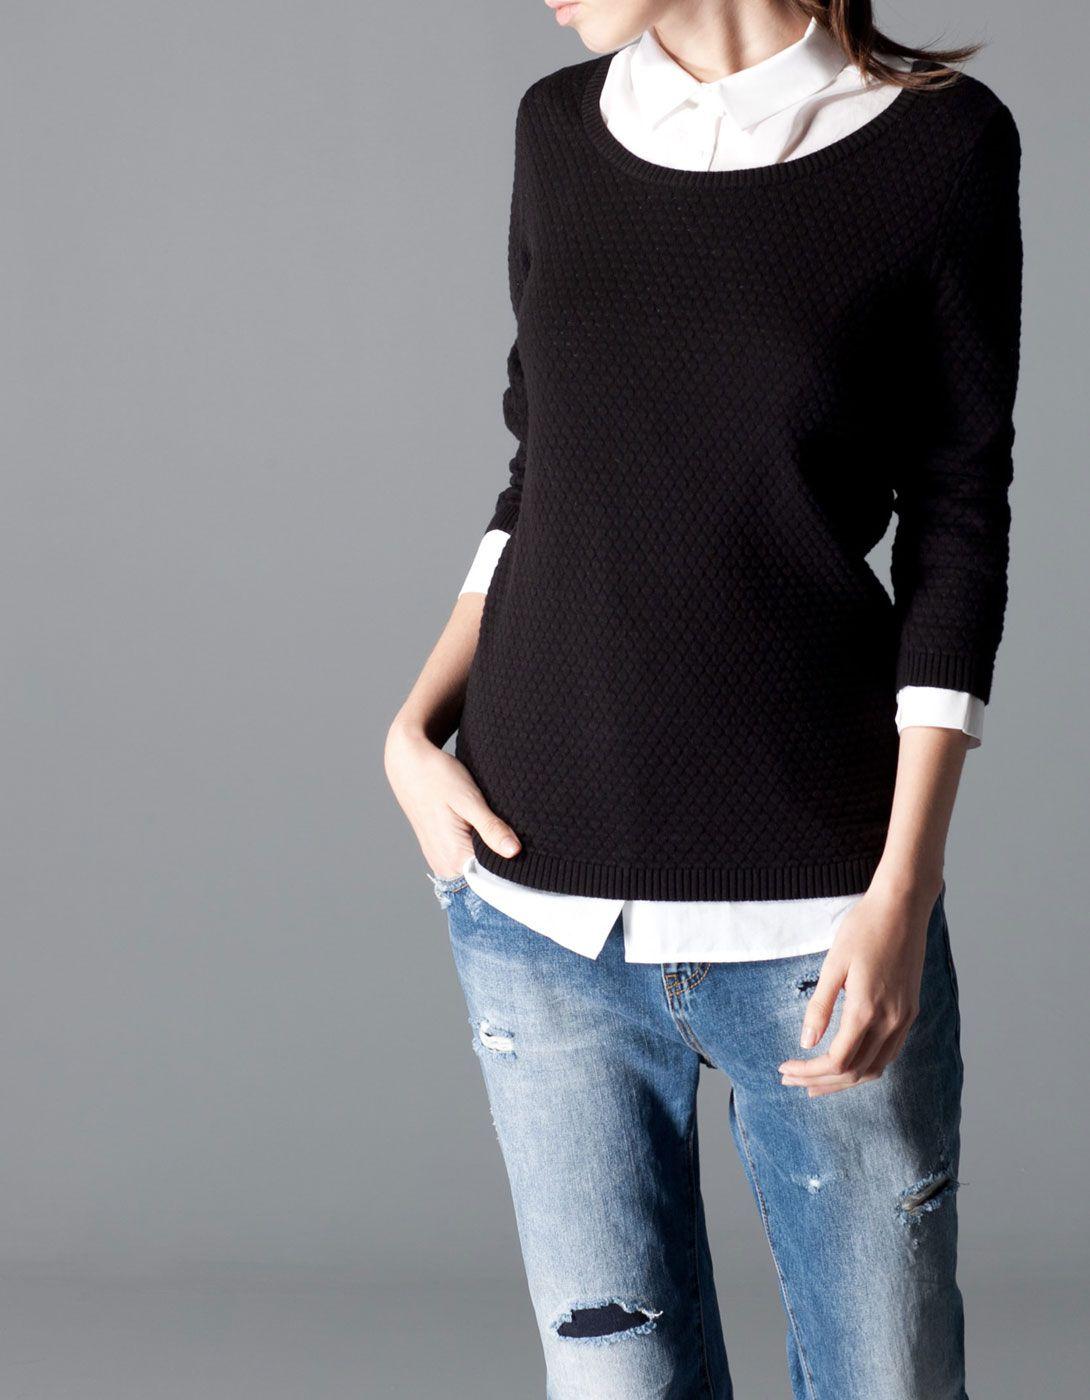 Трикотажный свитер со структурным рисунком